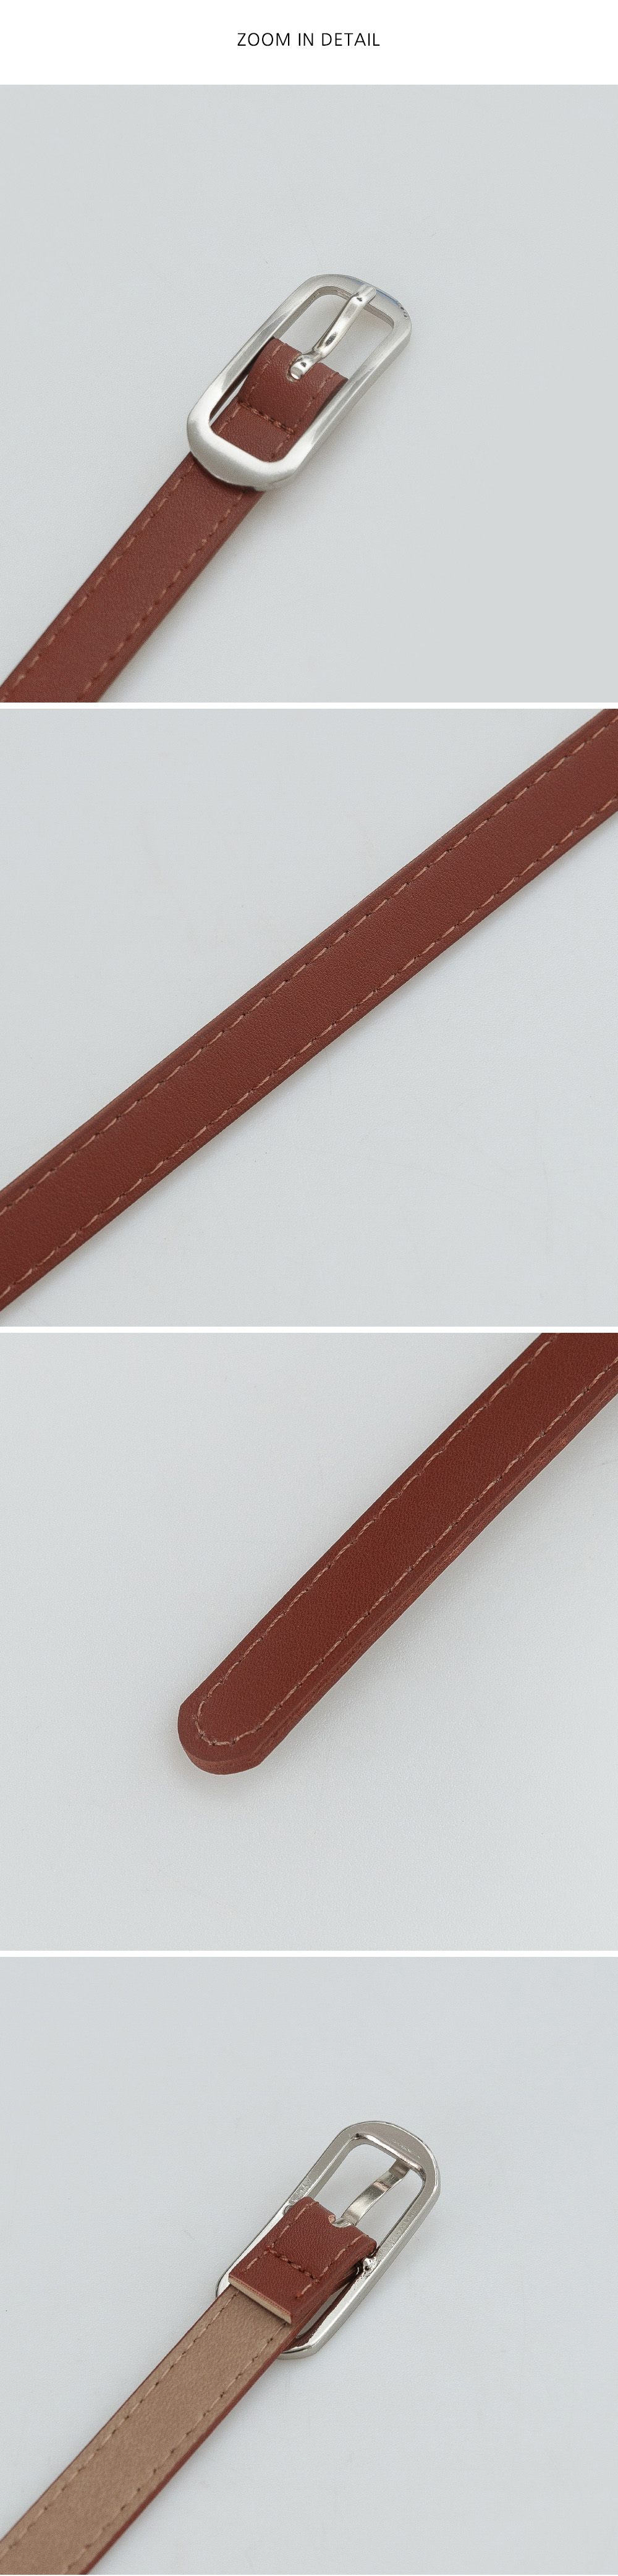 Wearable slim leather belt